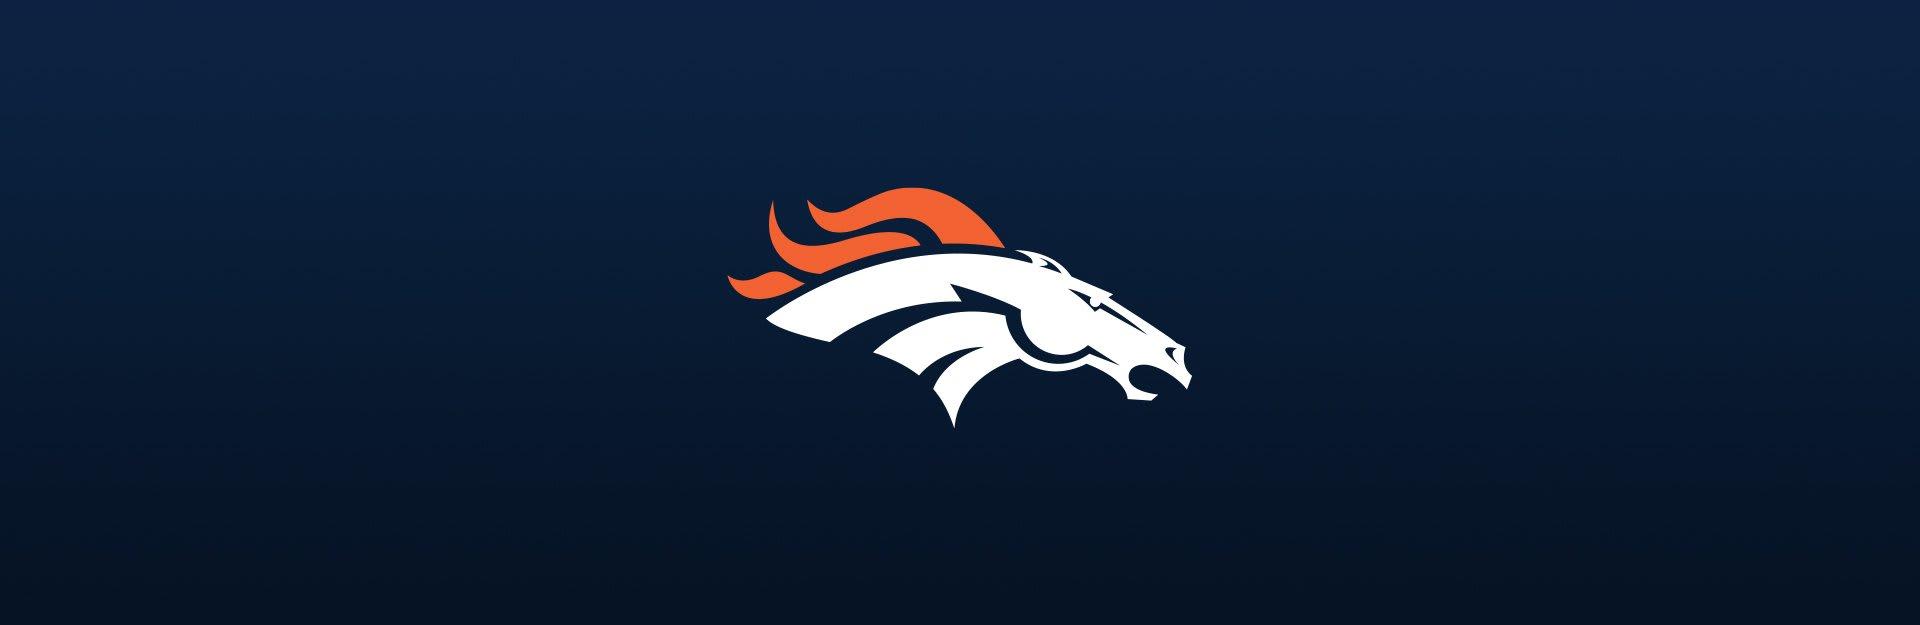 Denver Broncos logo on blue background